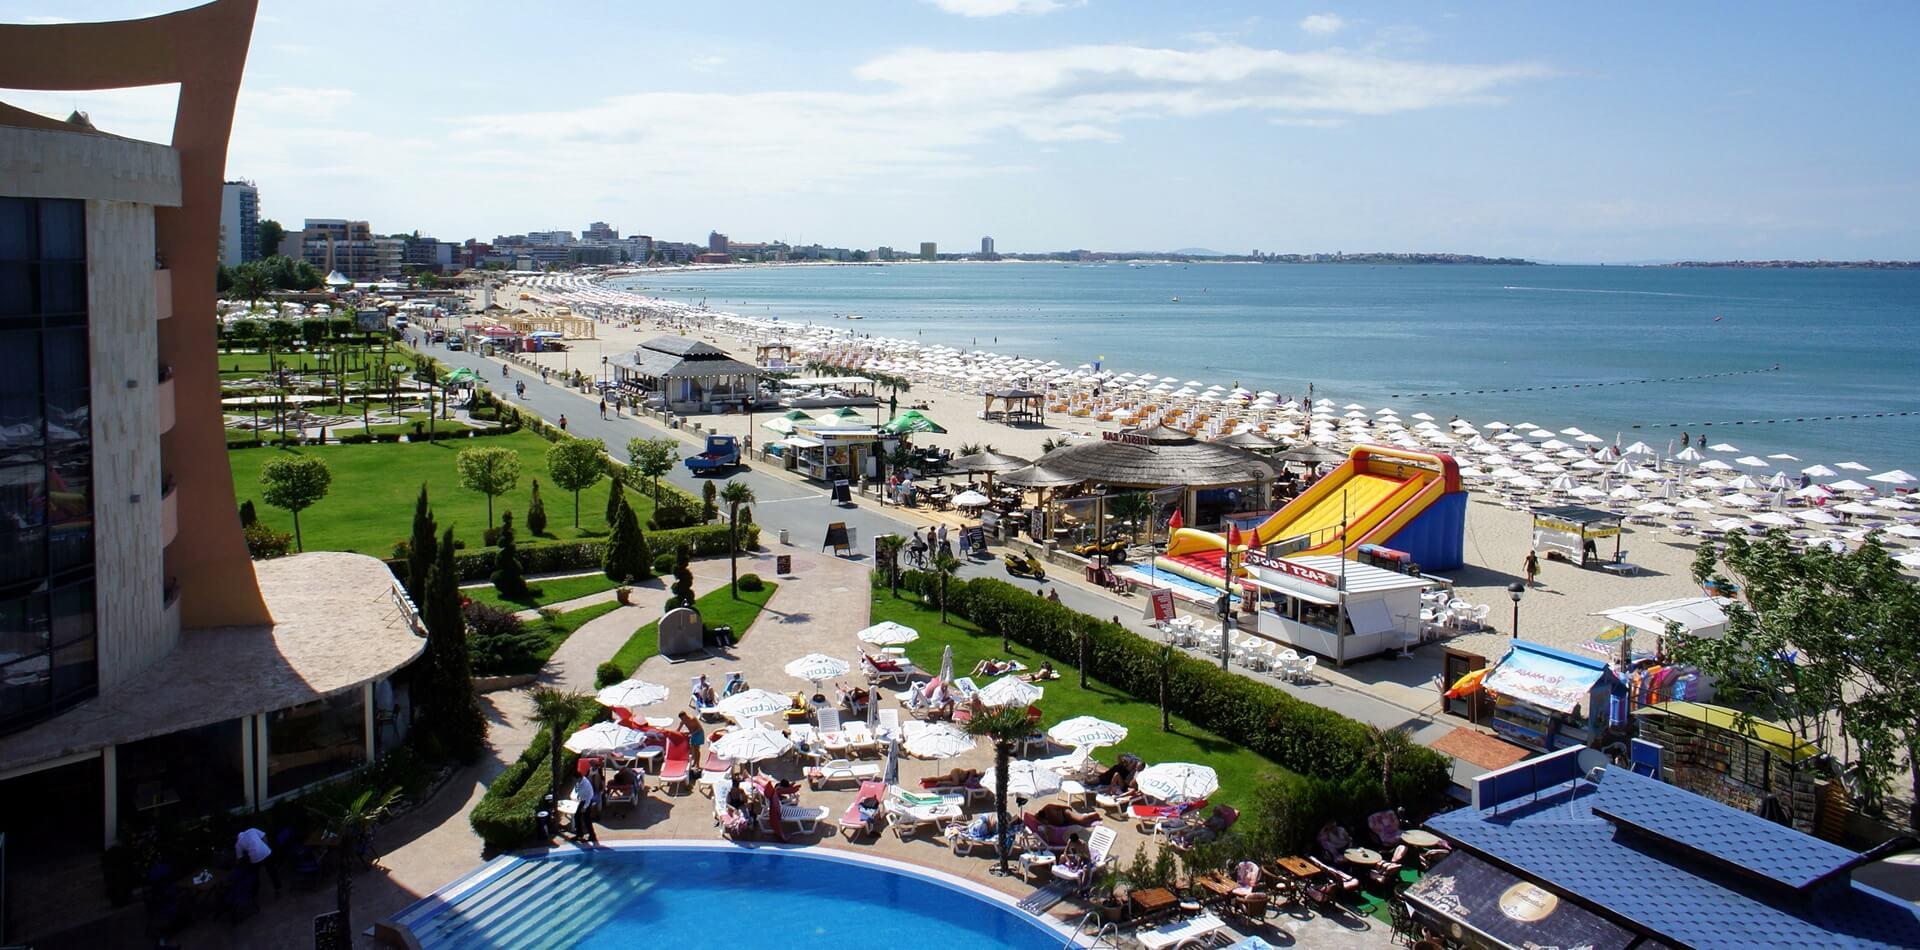 Лет тете, картинки солнечный берег болгария